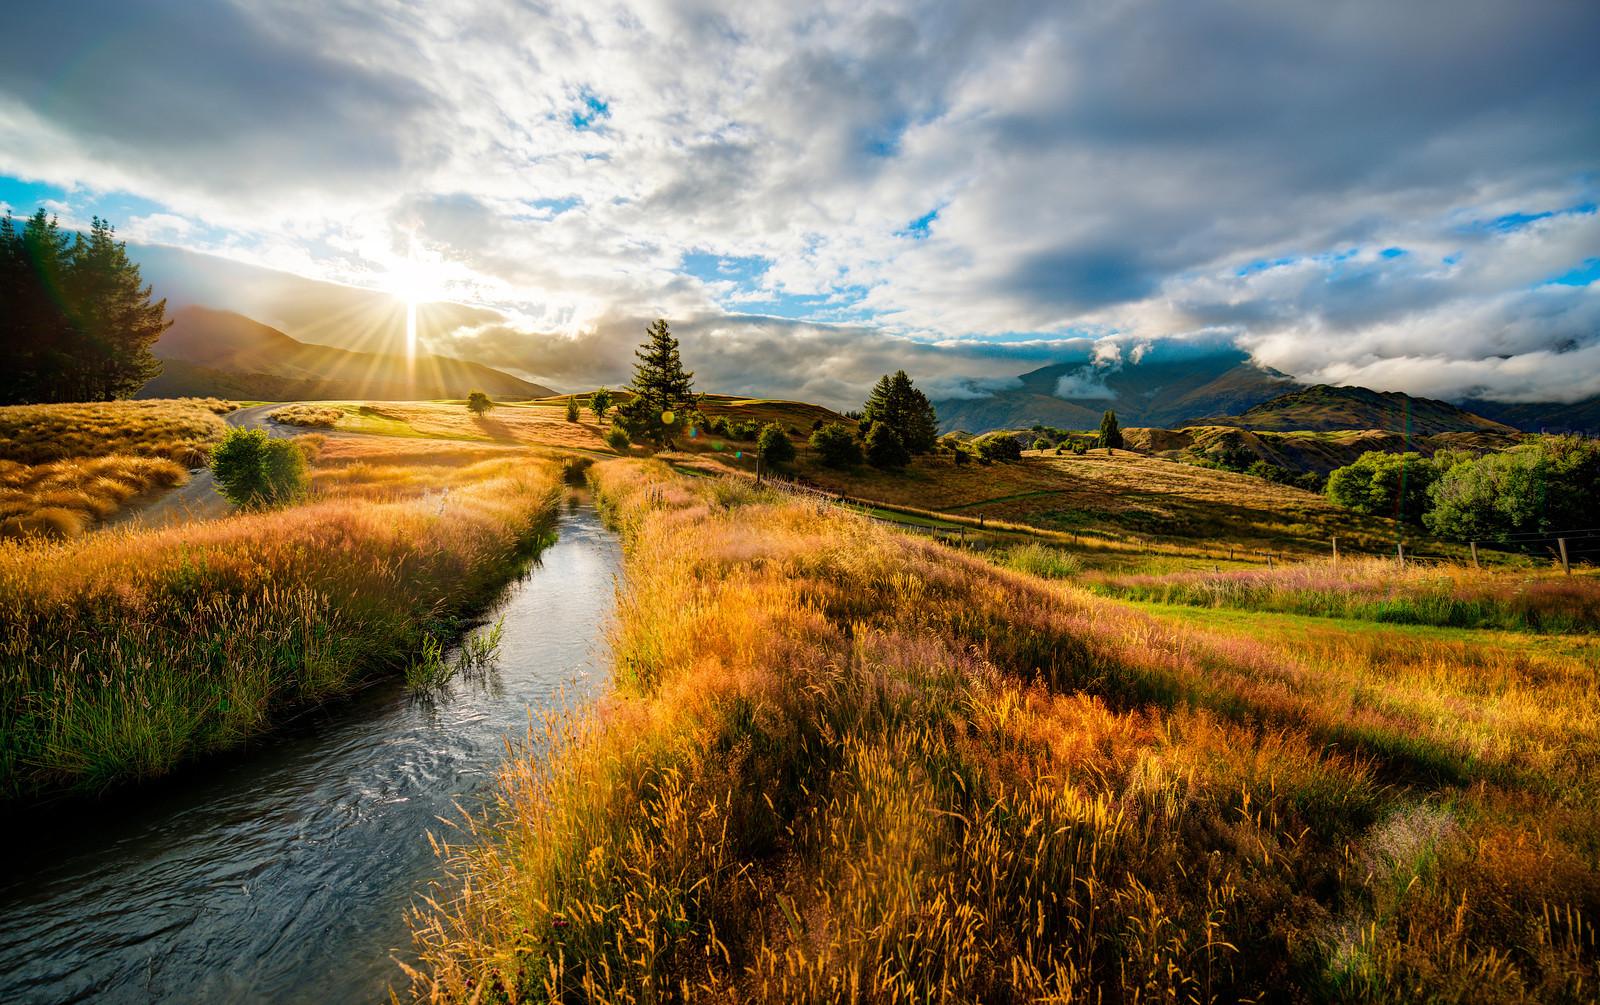 Новая зеландия Hd: 39 Atemberaubende Landschaft-Aufnahmen